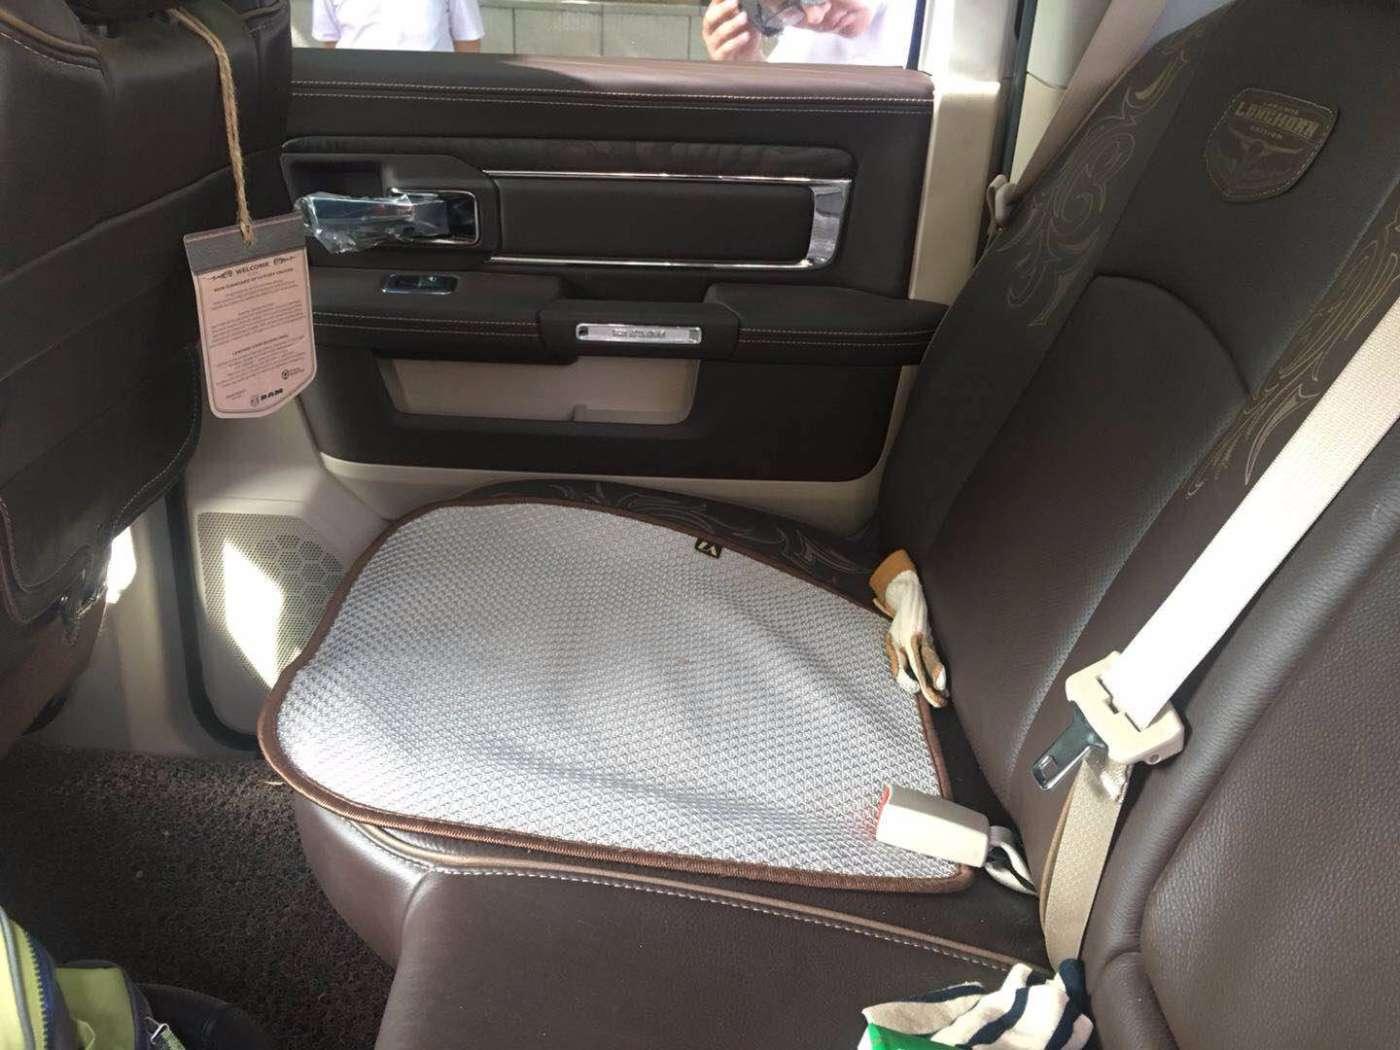 2017年08月 2017款 道奇Ram 长角号 5.7L V8 美规版|甄选易手车-北京卡斯基汽车服务有限公司